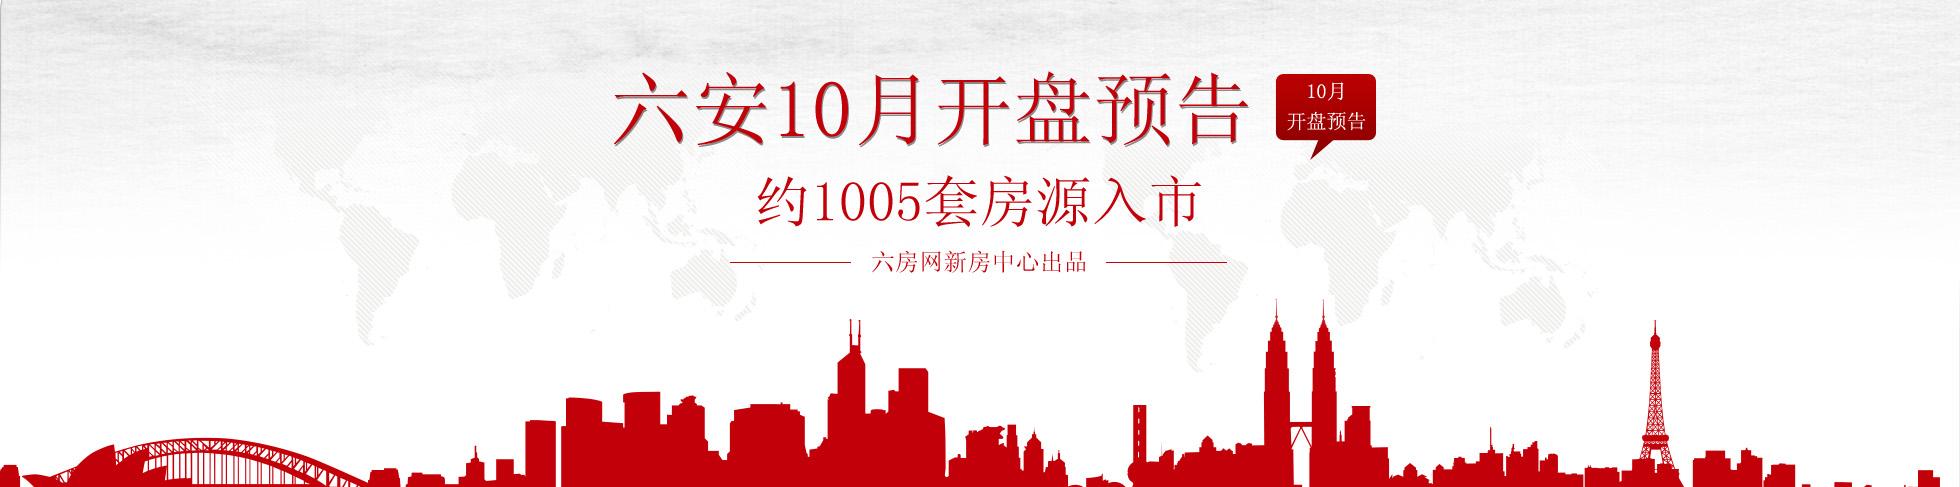 六安10月开盘预告 预计共推出1005套房源